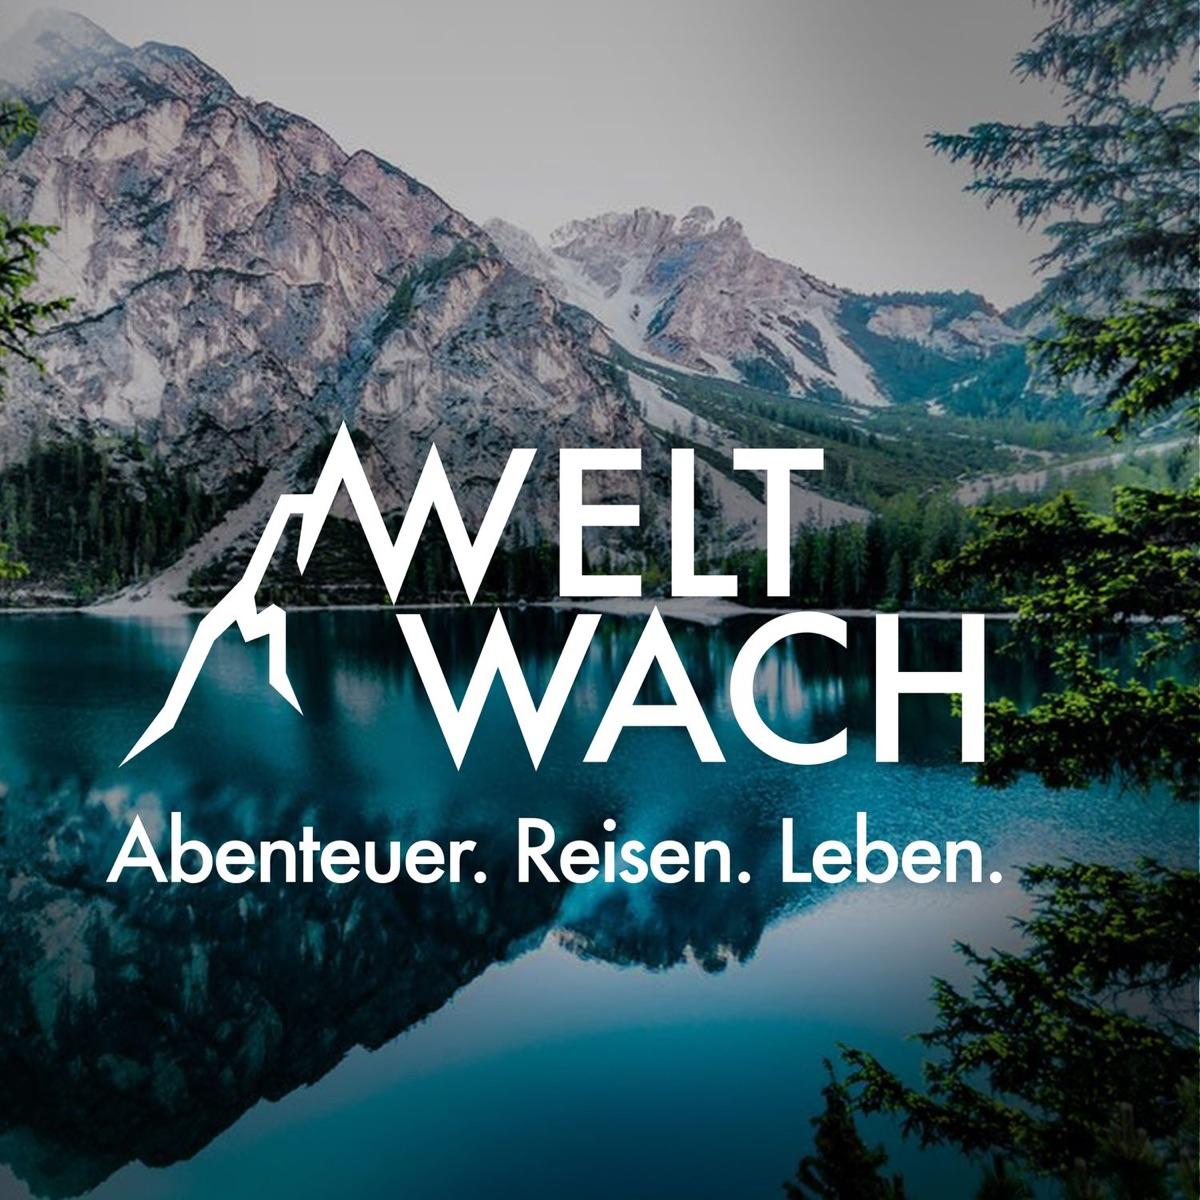 Weltwach – Abenteuer. Reisen. Leben.